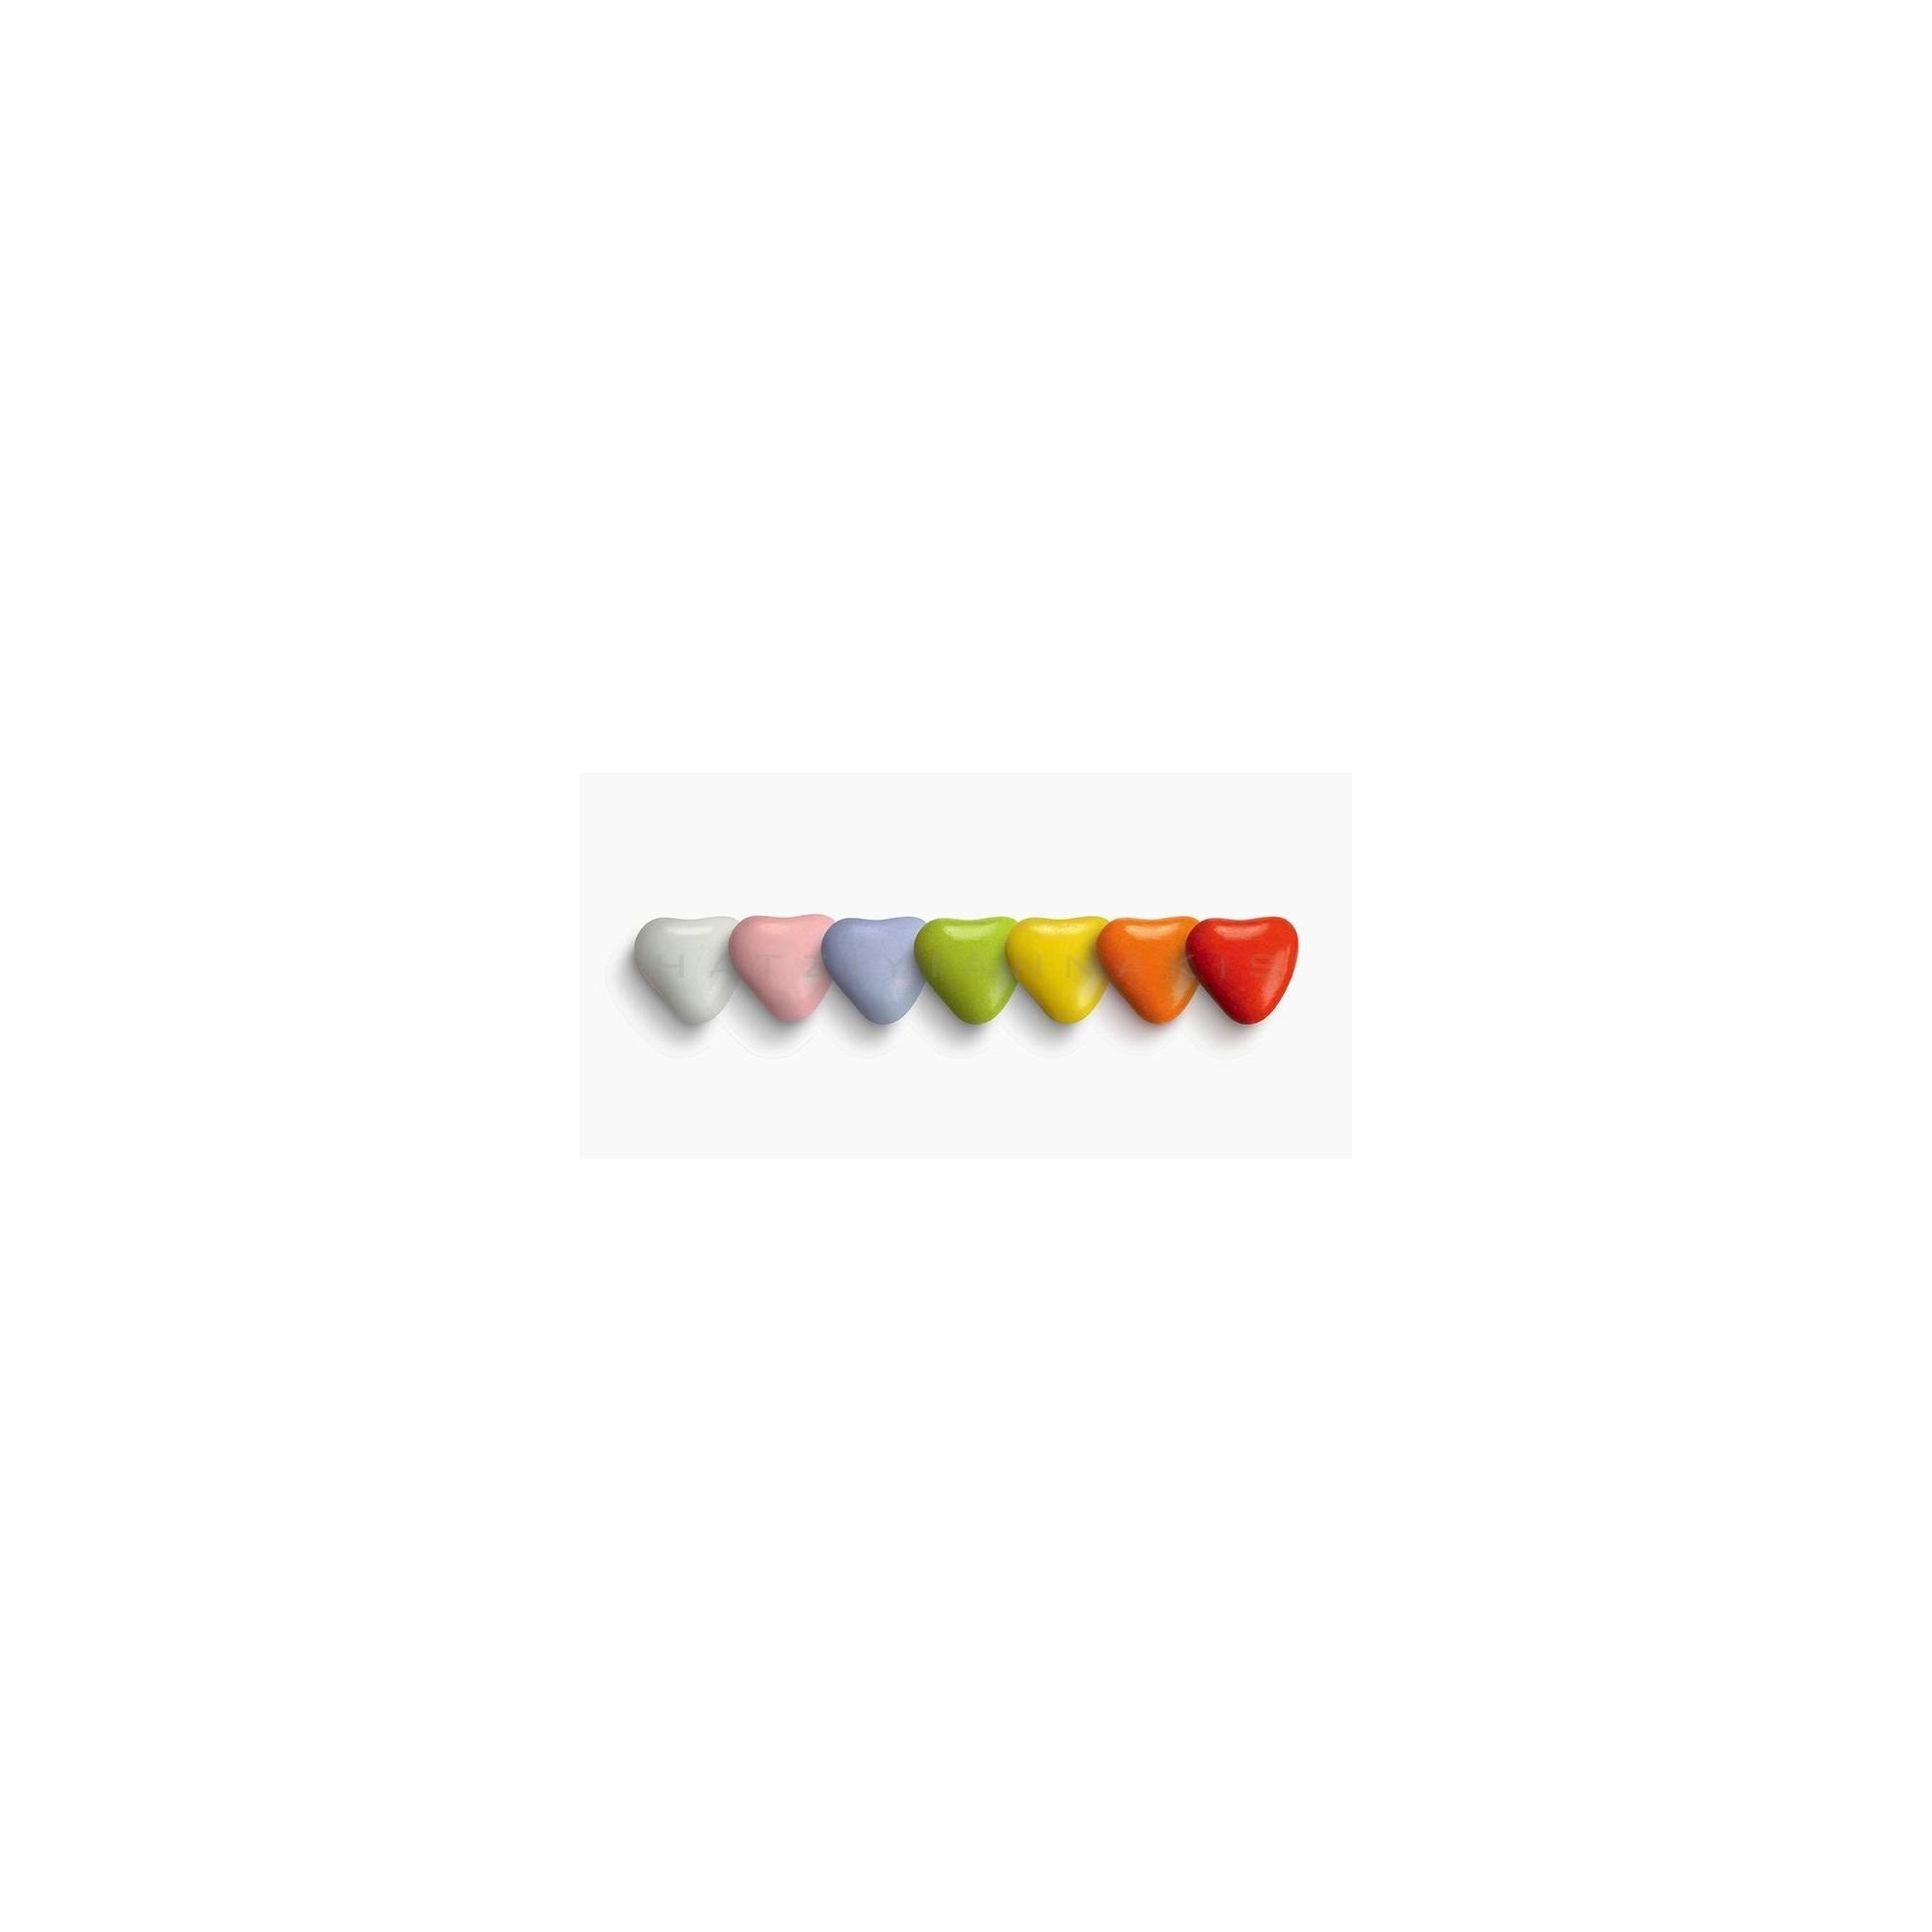 Κουφέτο Σοκολάτας Καρδουλίτσα Πολύχρωμη (4kg) - LWG-X1251-4